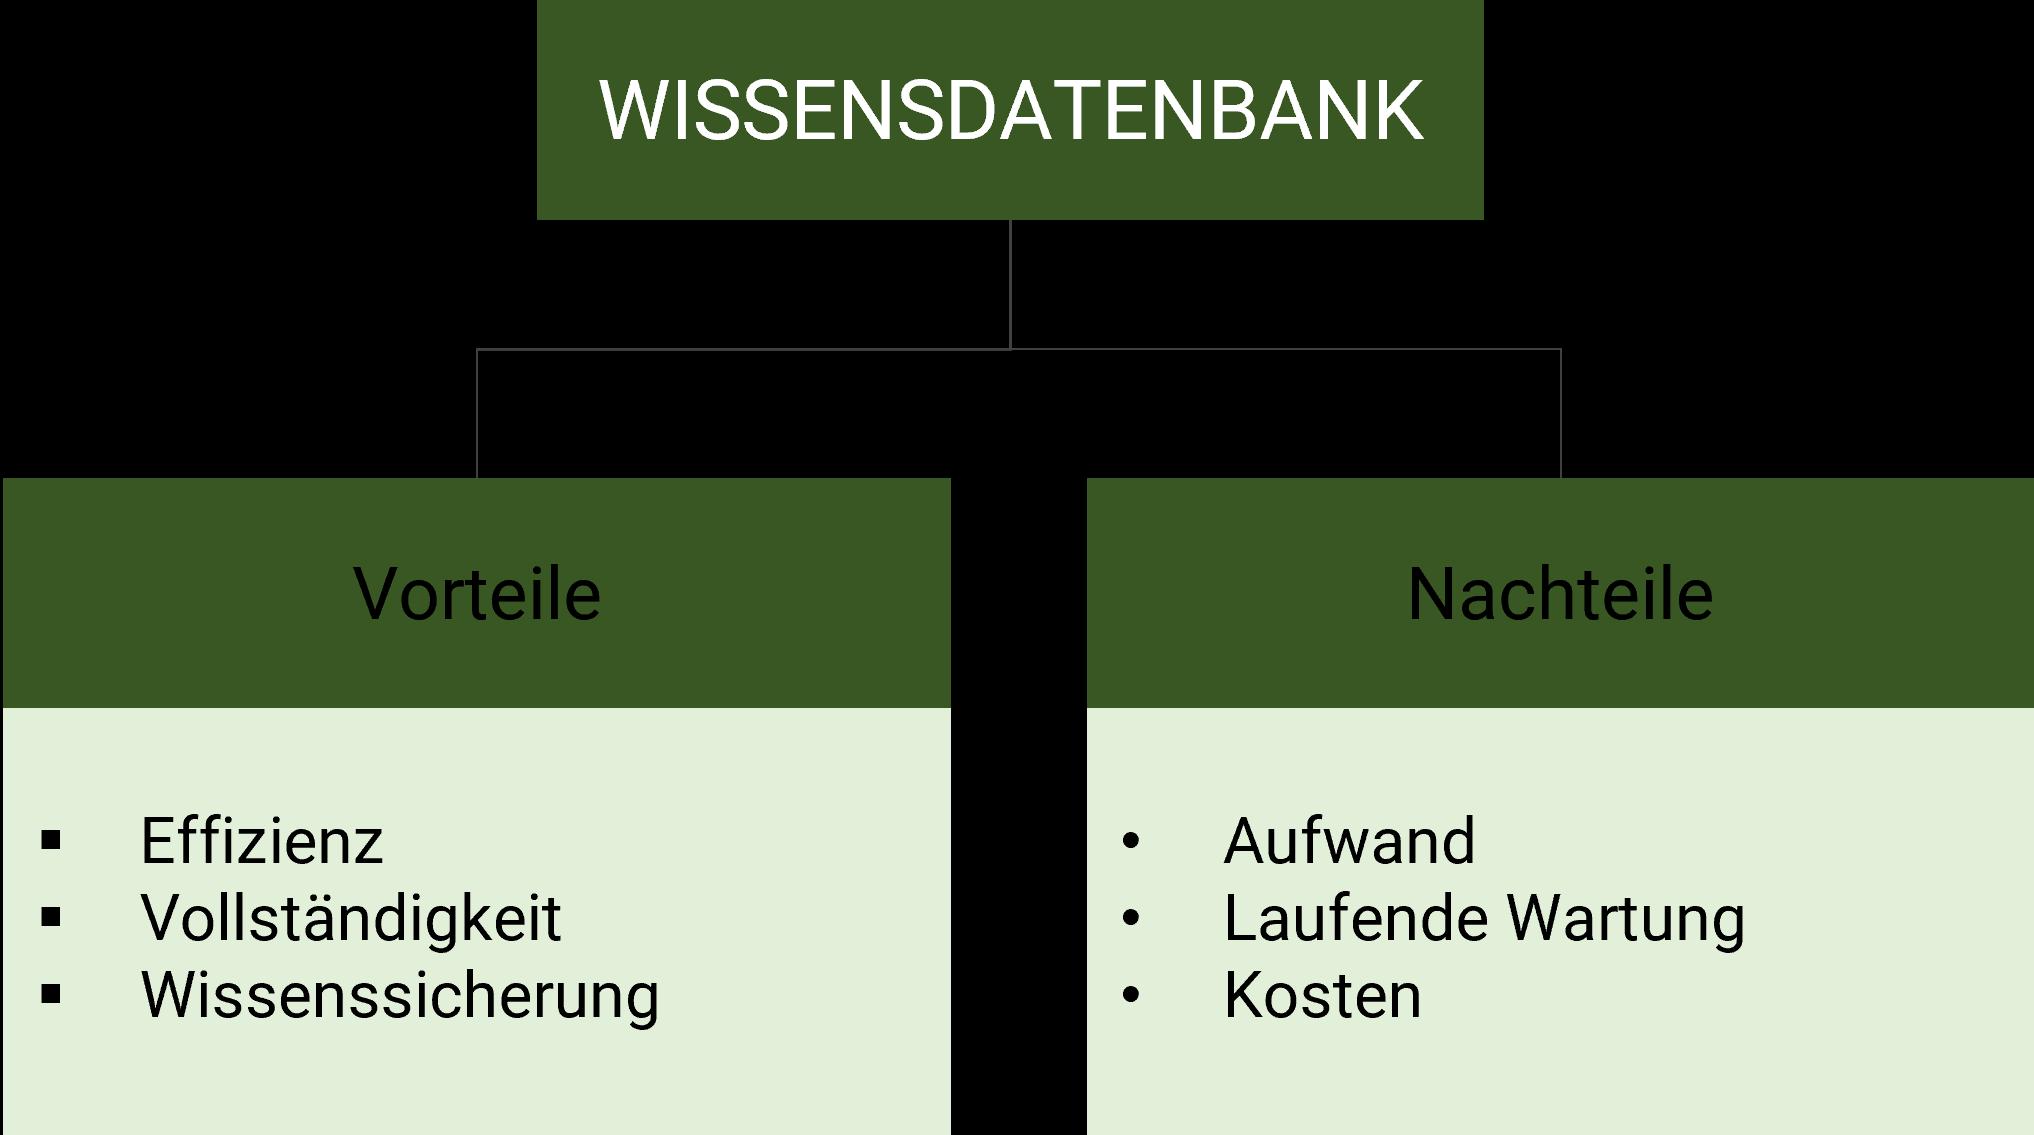 Wissensdatenbank Vor- und Nachteile